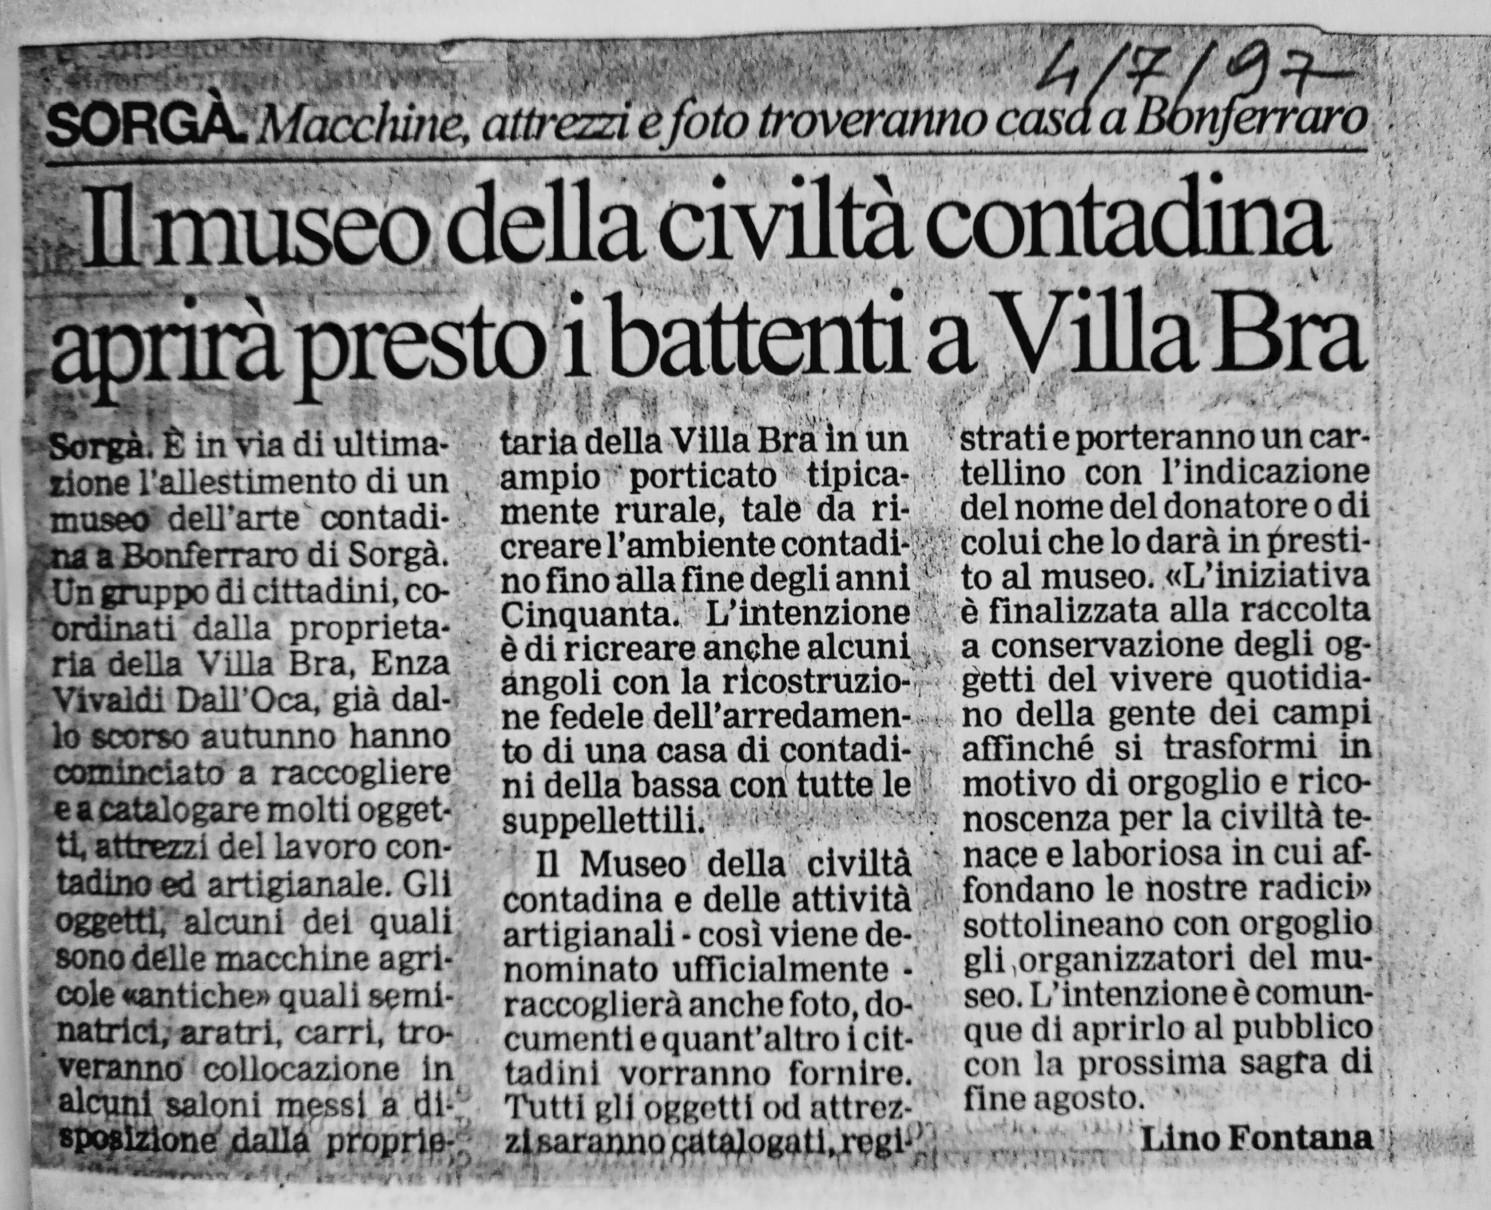 1997 il primo articolo di Lino Fontana su l'Arena